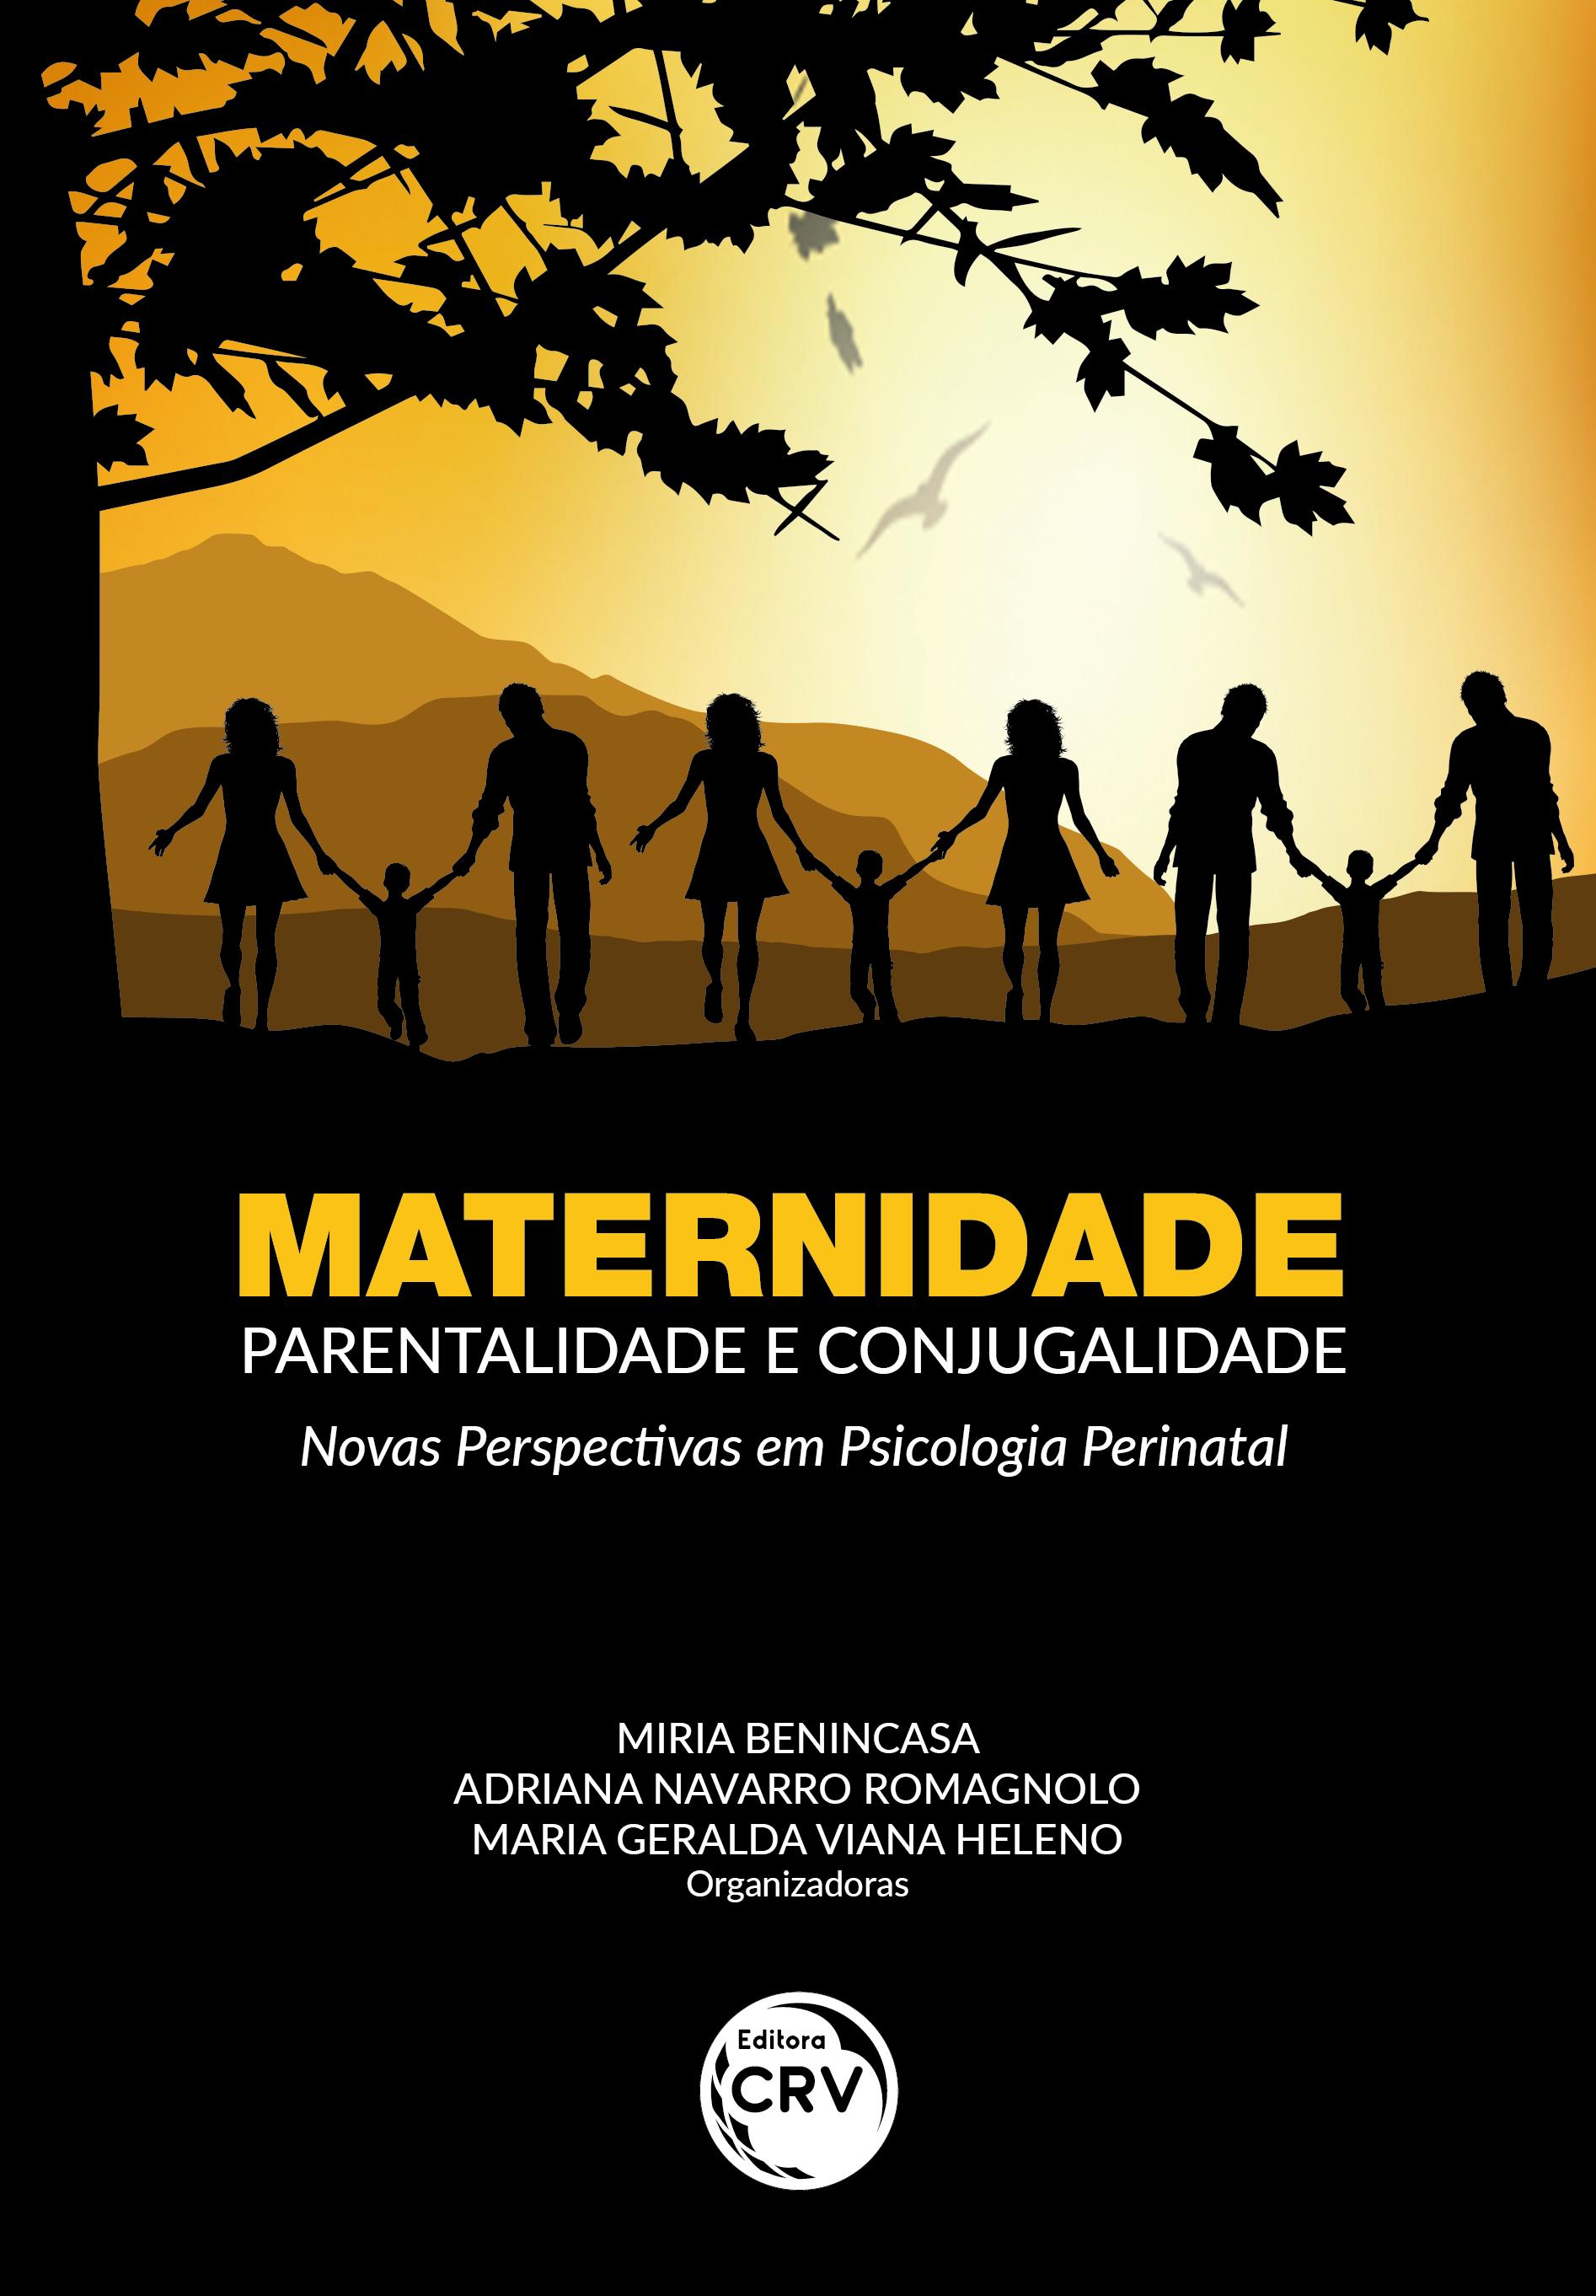 Capa do livro: MATERNIDADE, PARENTALIDADE E CONJUGALIDADE: <br> Novas perspectivas em psicologia perinatal